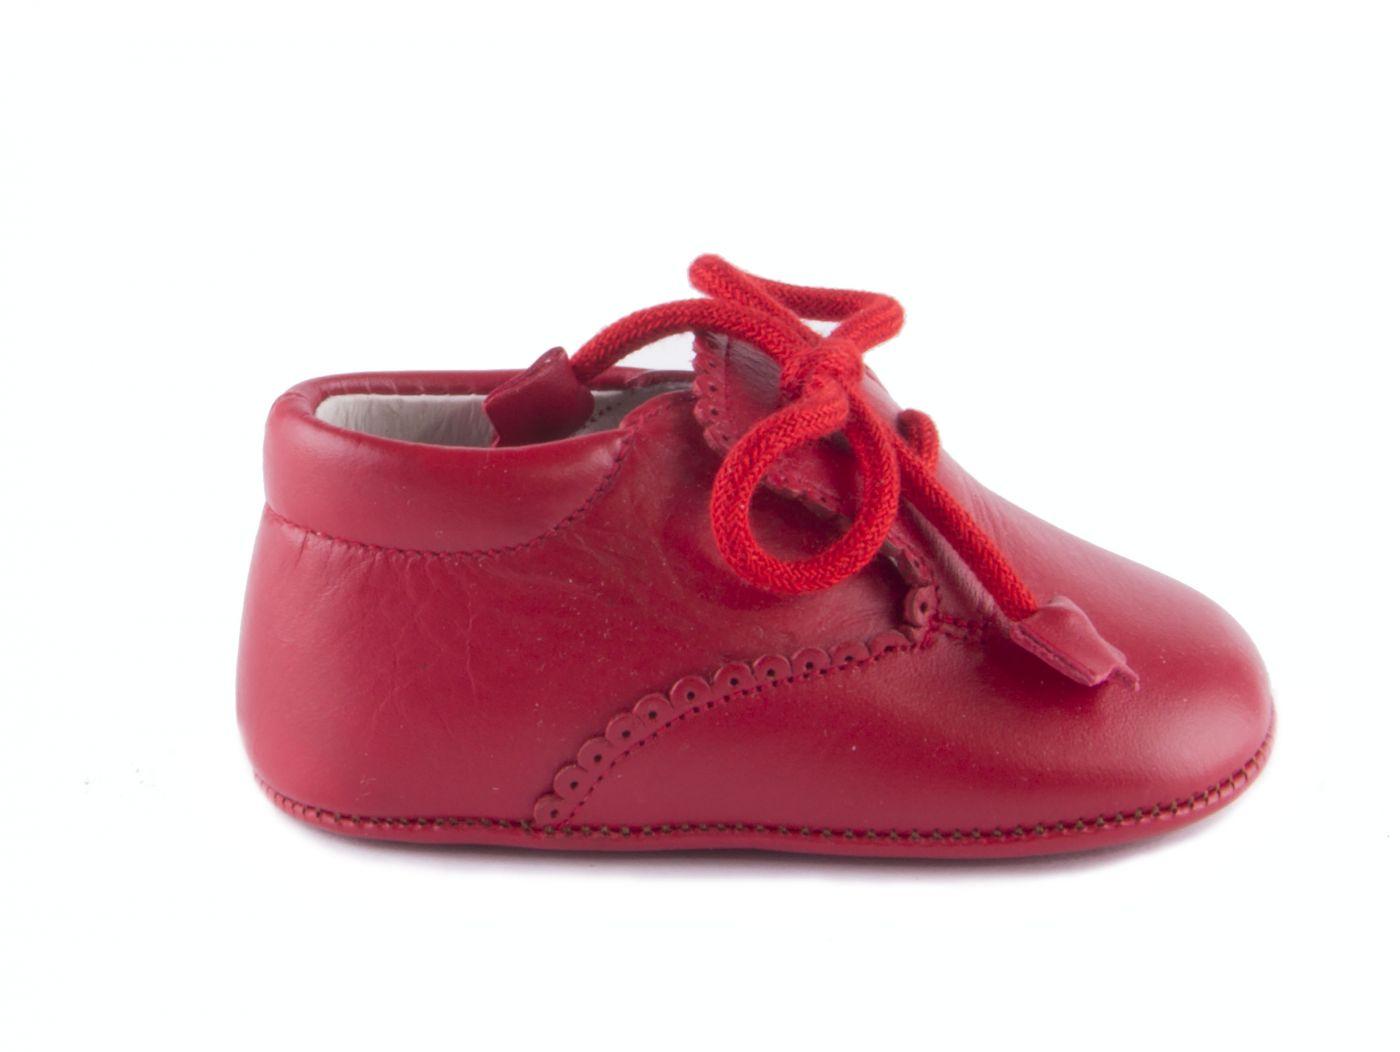 e334f07aaff Comprar zapato tipo BEBE NIÑO estilo BOTAS COLOR ROJO PIEL | BOTITAS ...